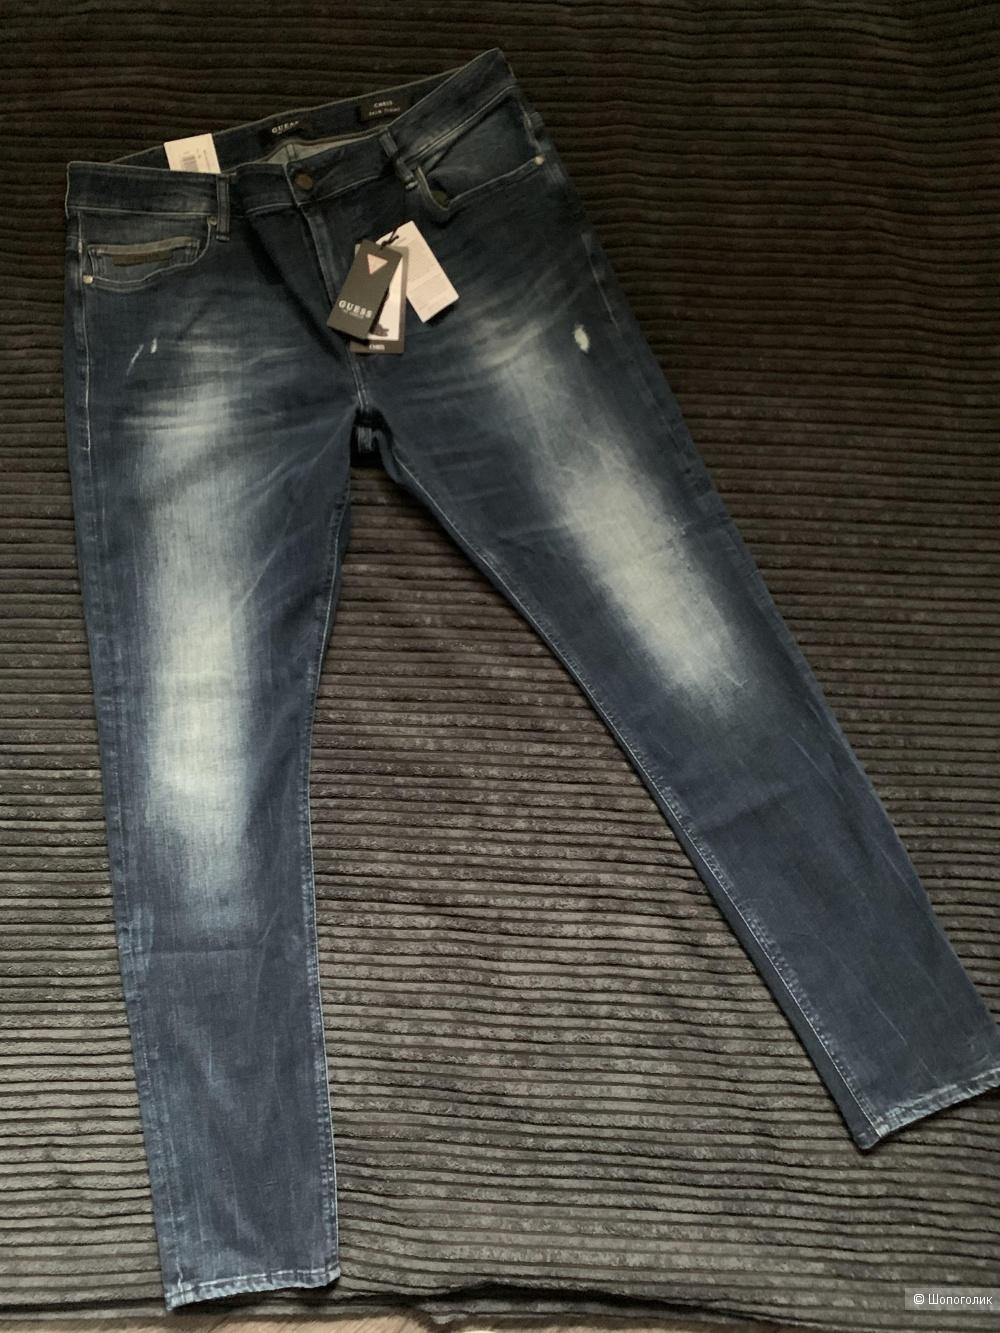 Джинсы мужские GUESS модель CHRIS размер 36/32